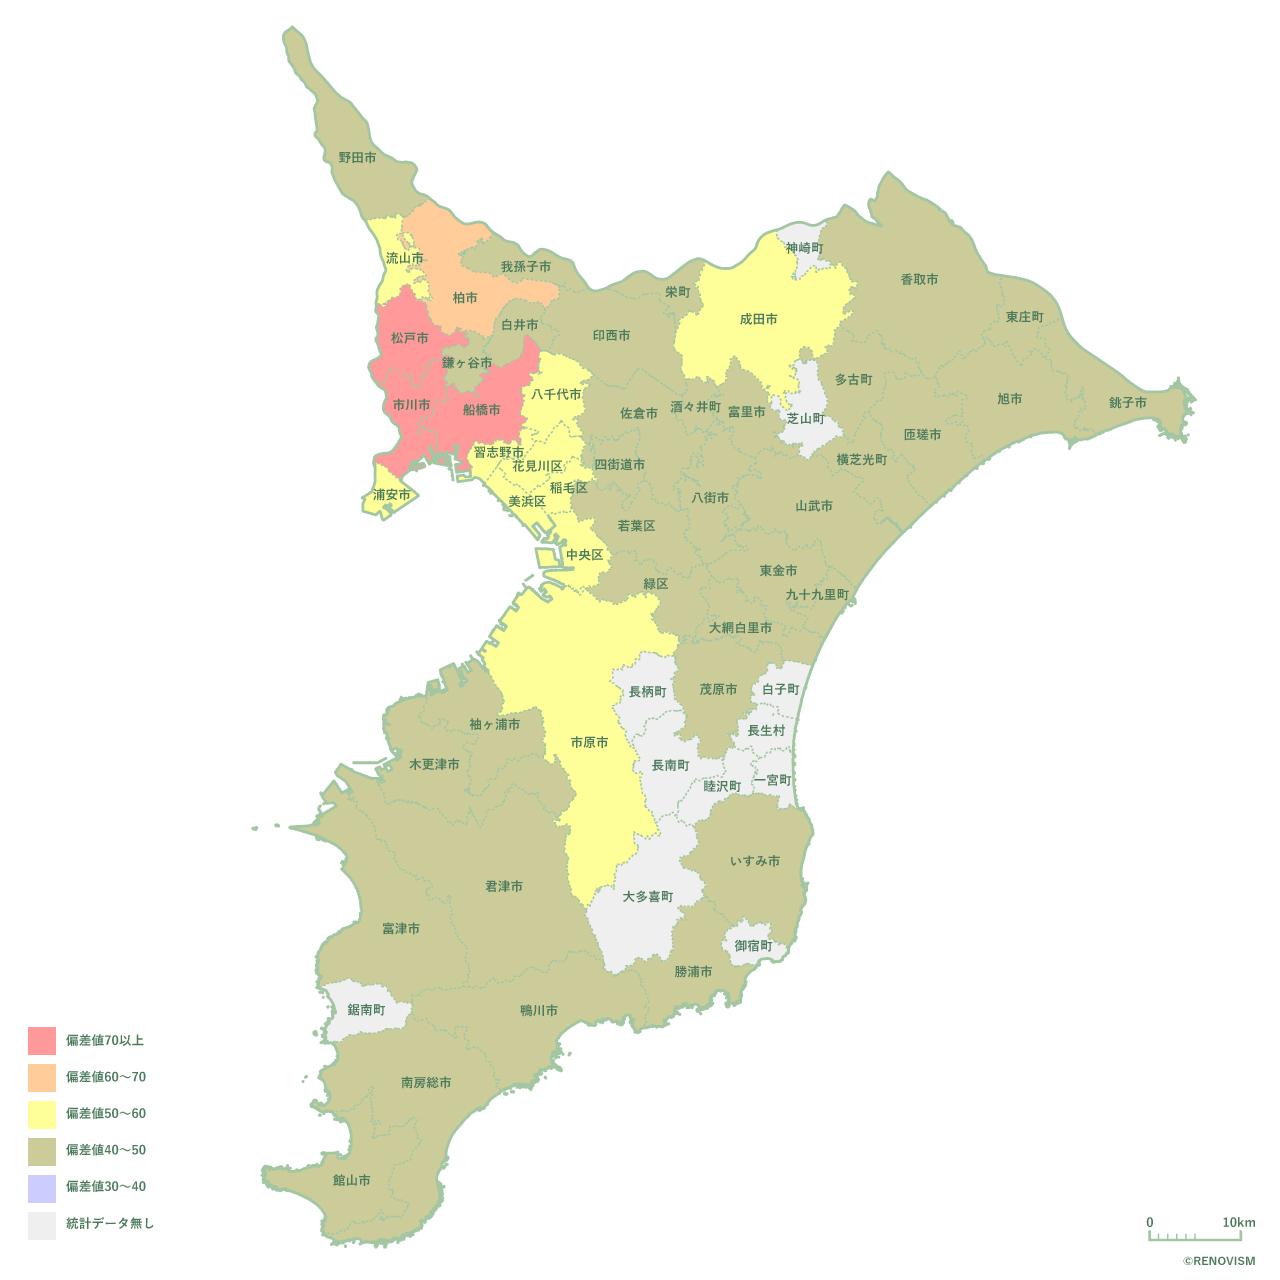 千葉県の賃貸需要マップ2020年